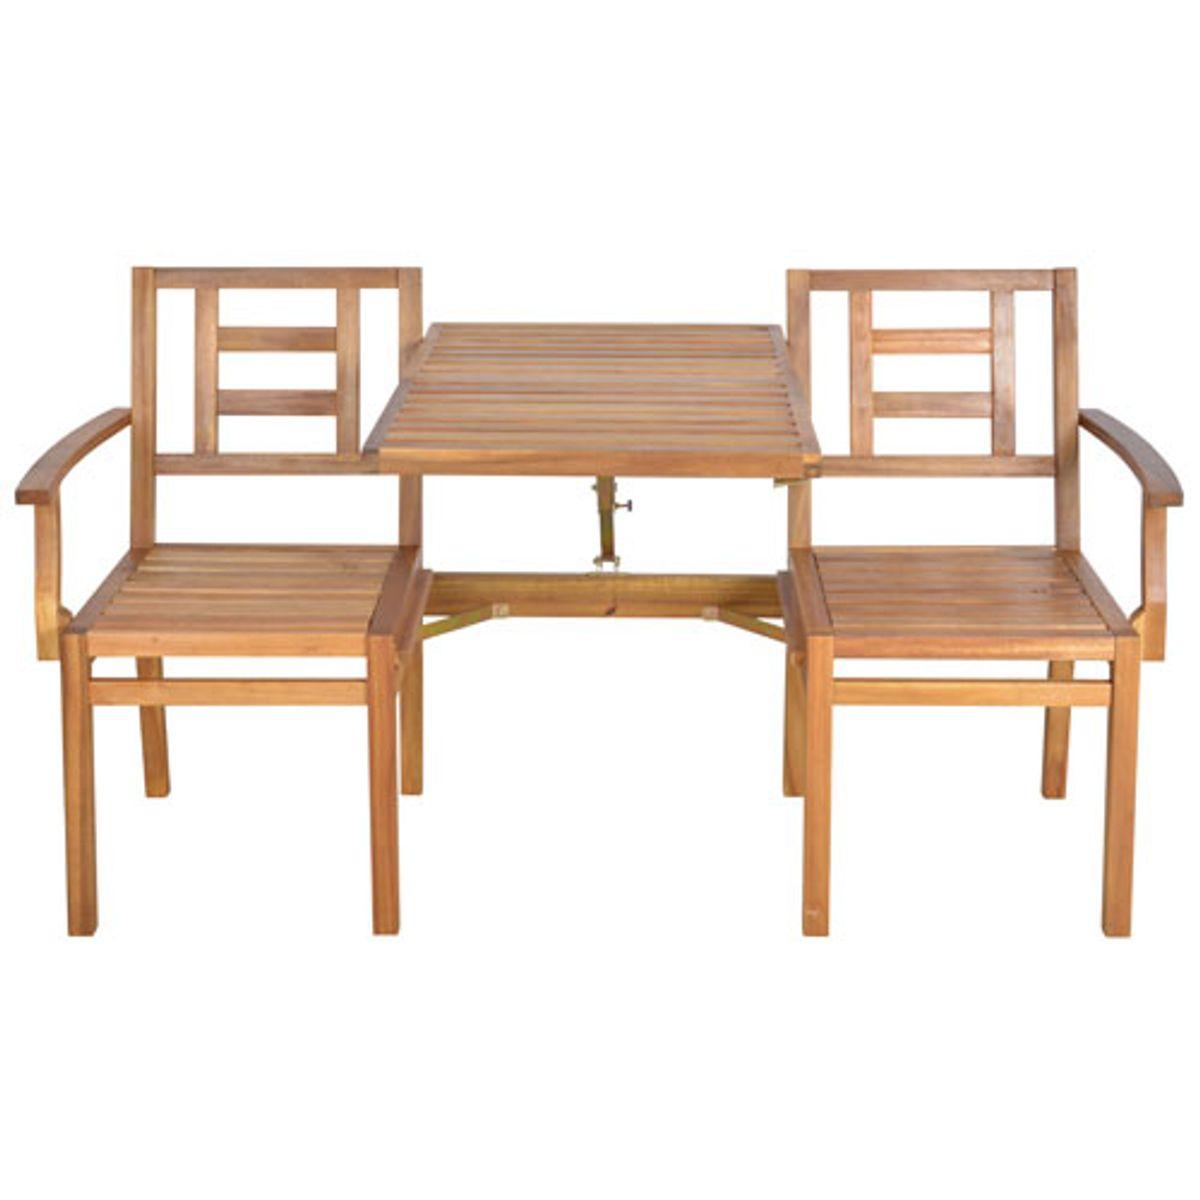 Salon De Jardin Transformable 2 En 1 Table Et Banc En pour Salon De Jardin Pliant